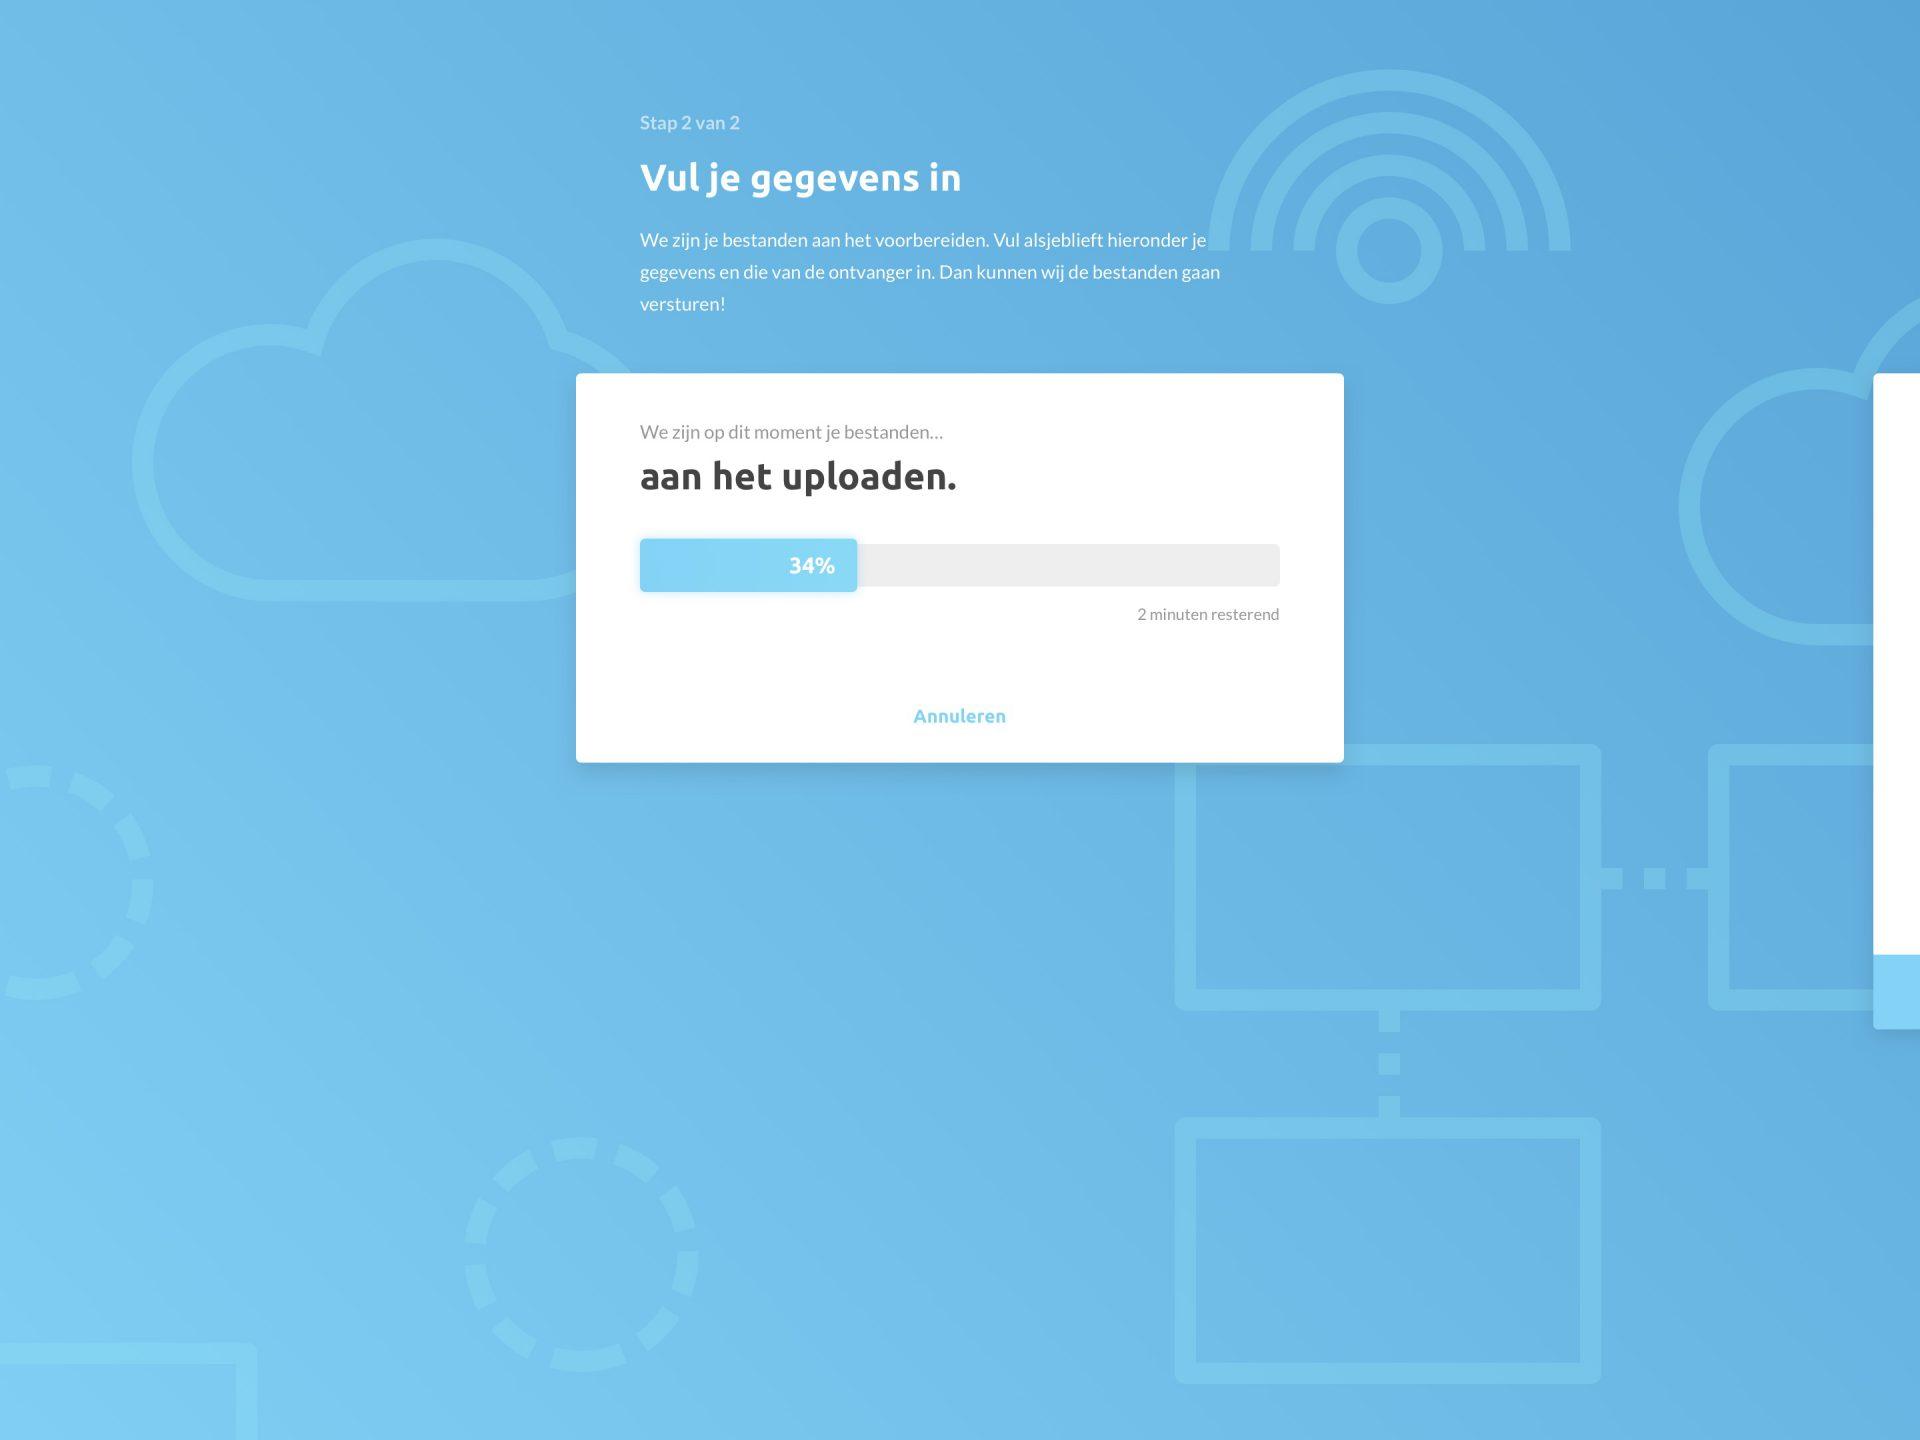 File Transfer UI - Vul je gegevens in